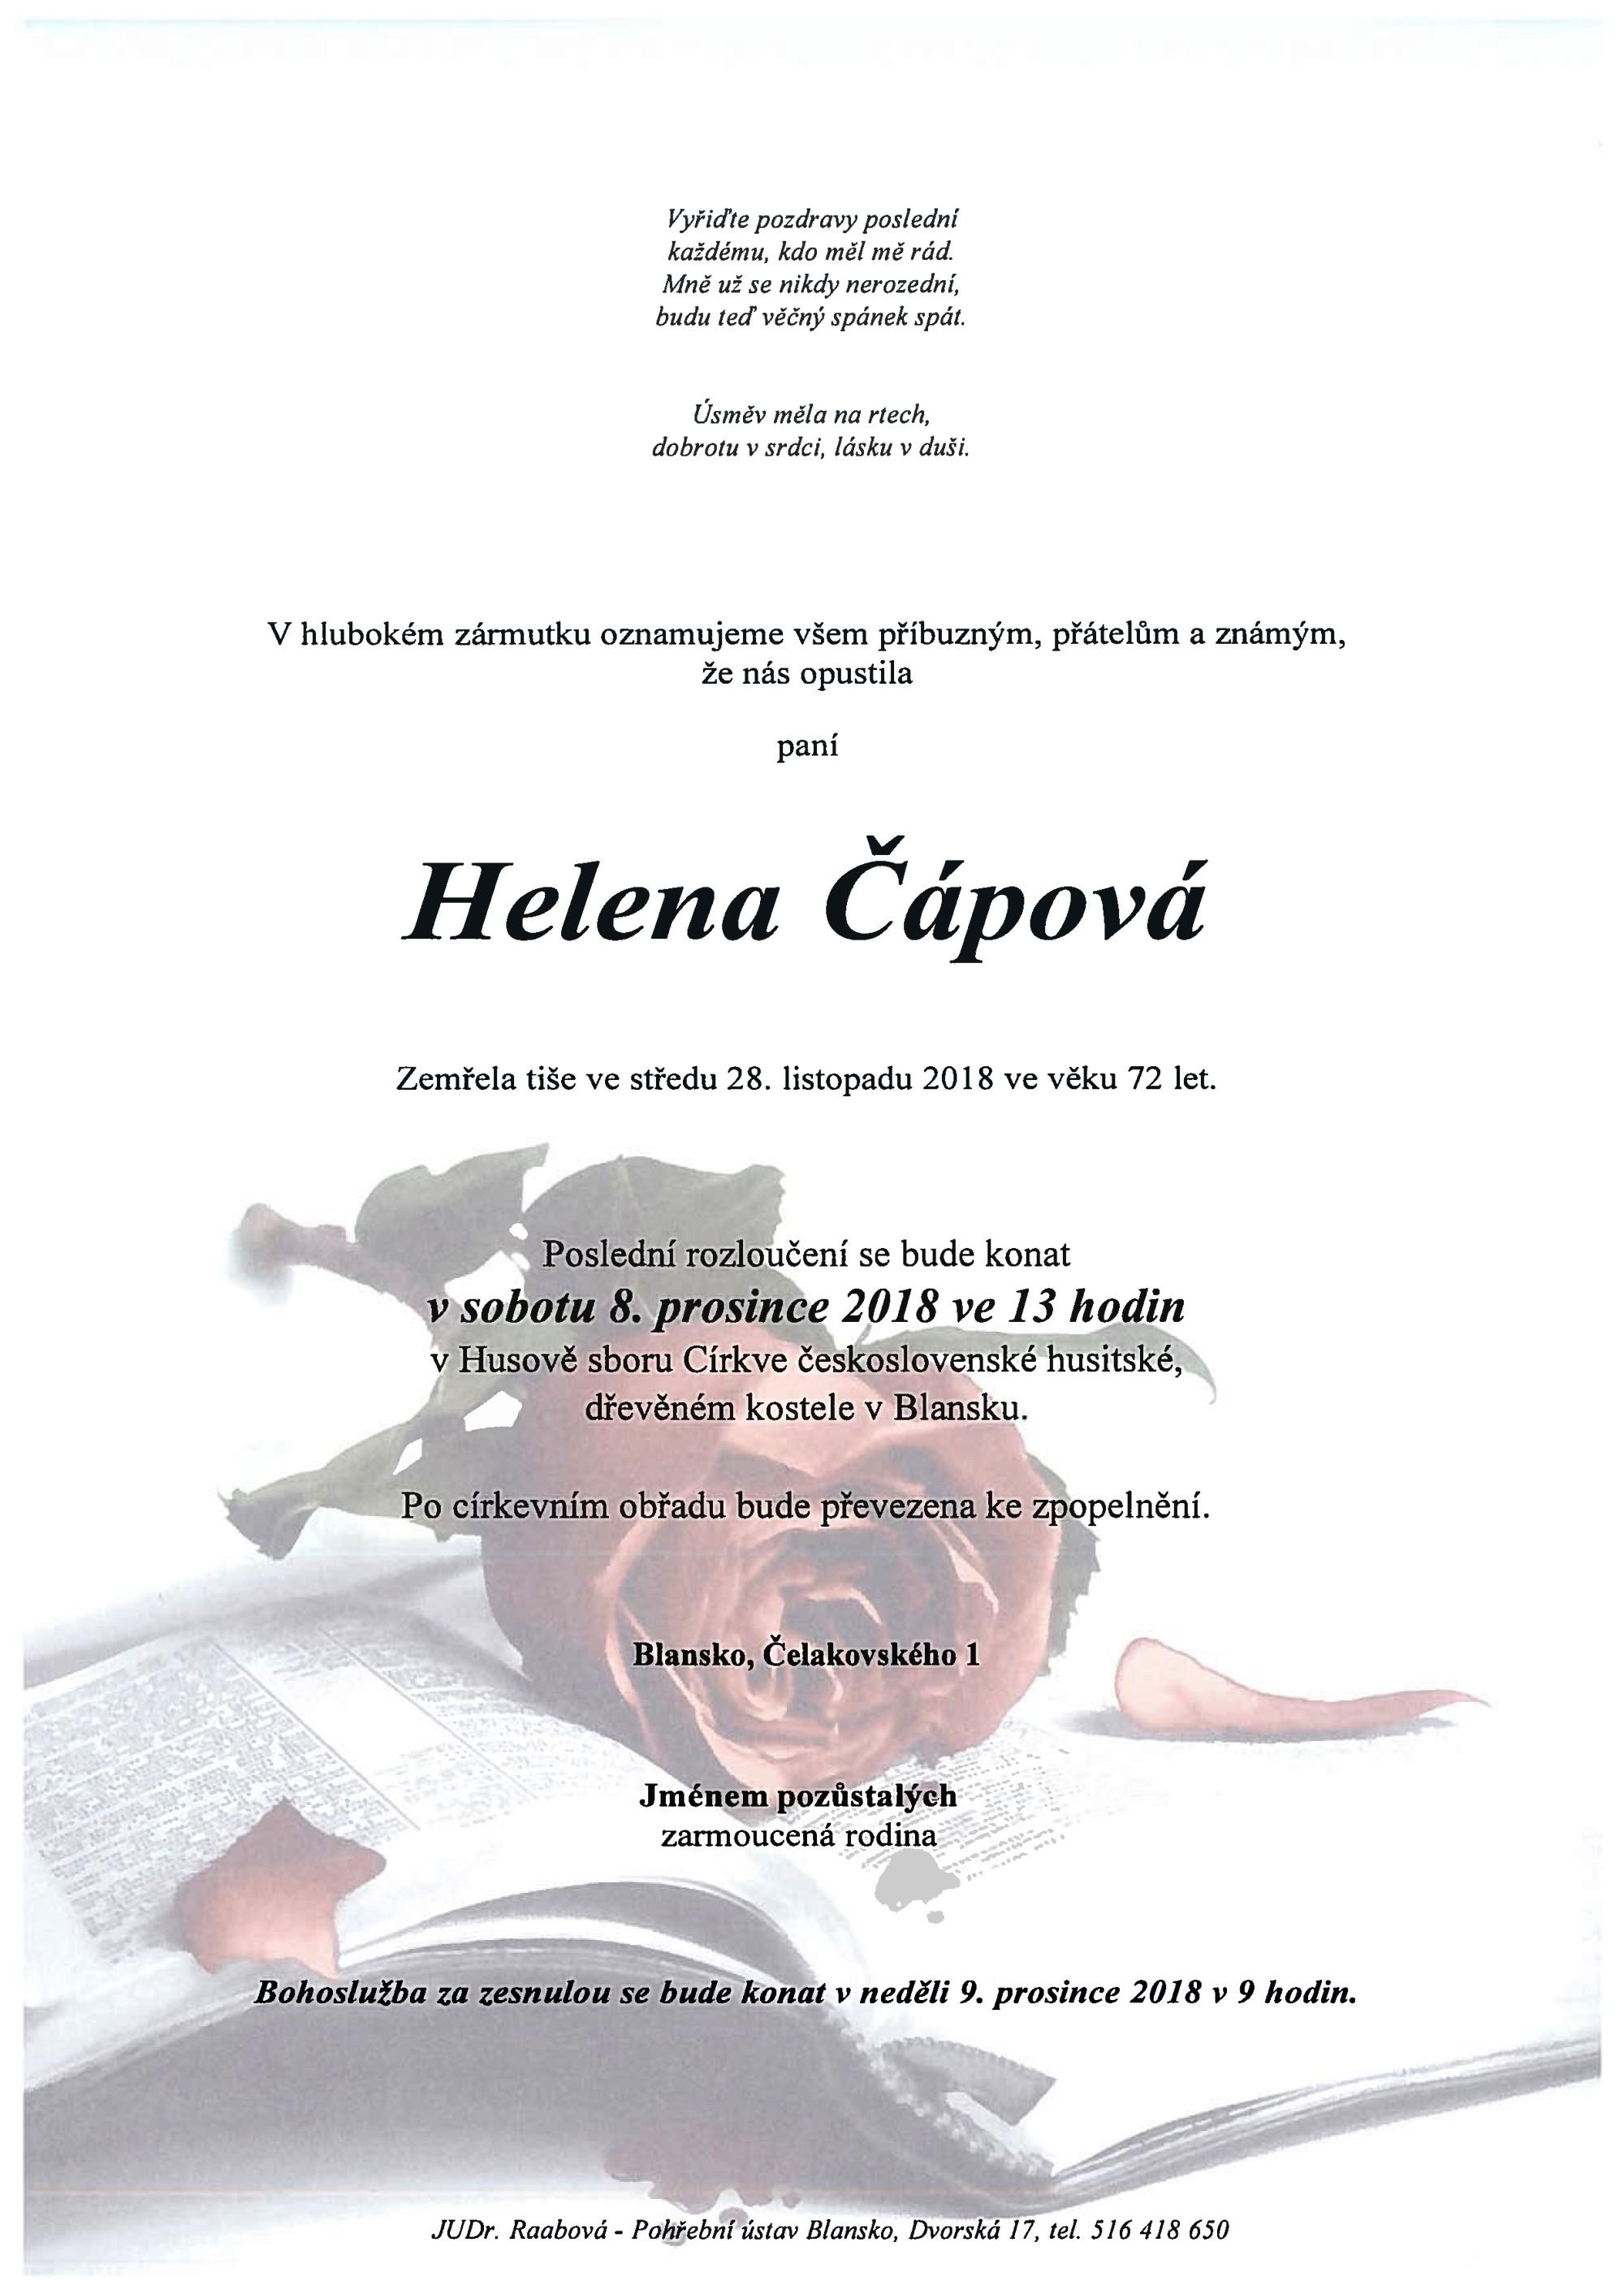 Helena Čápová